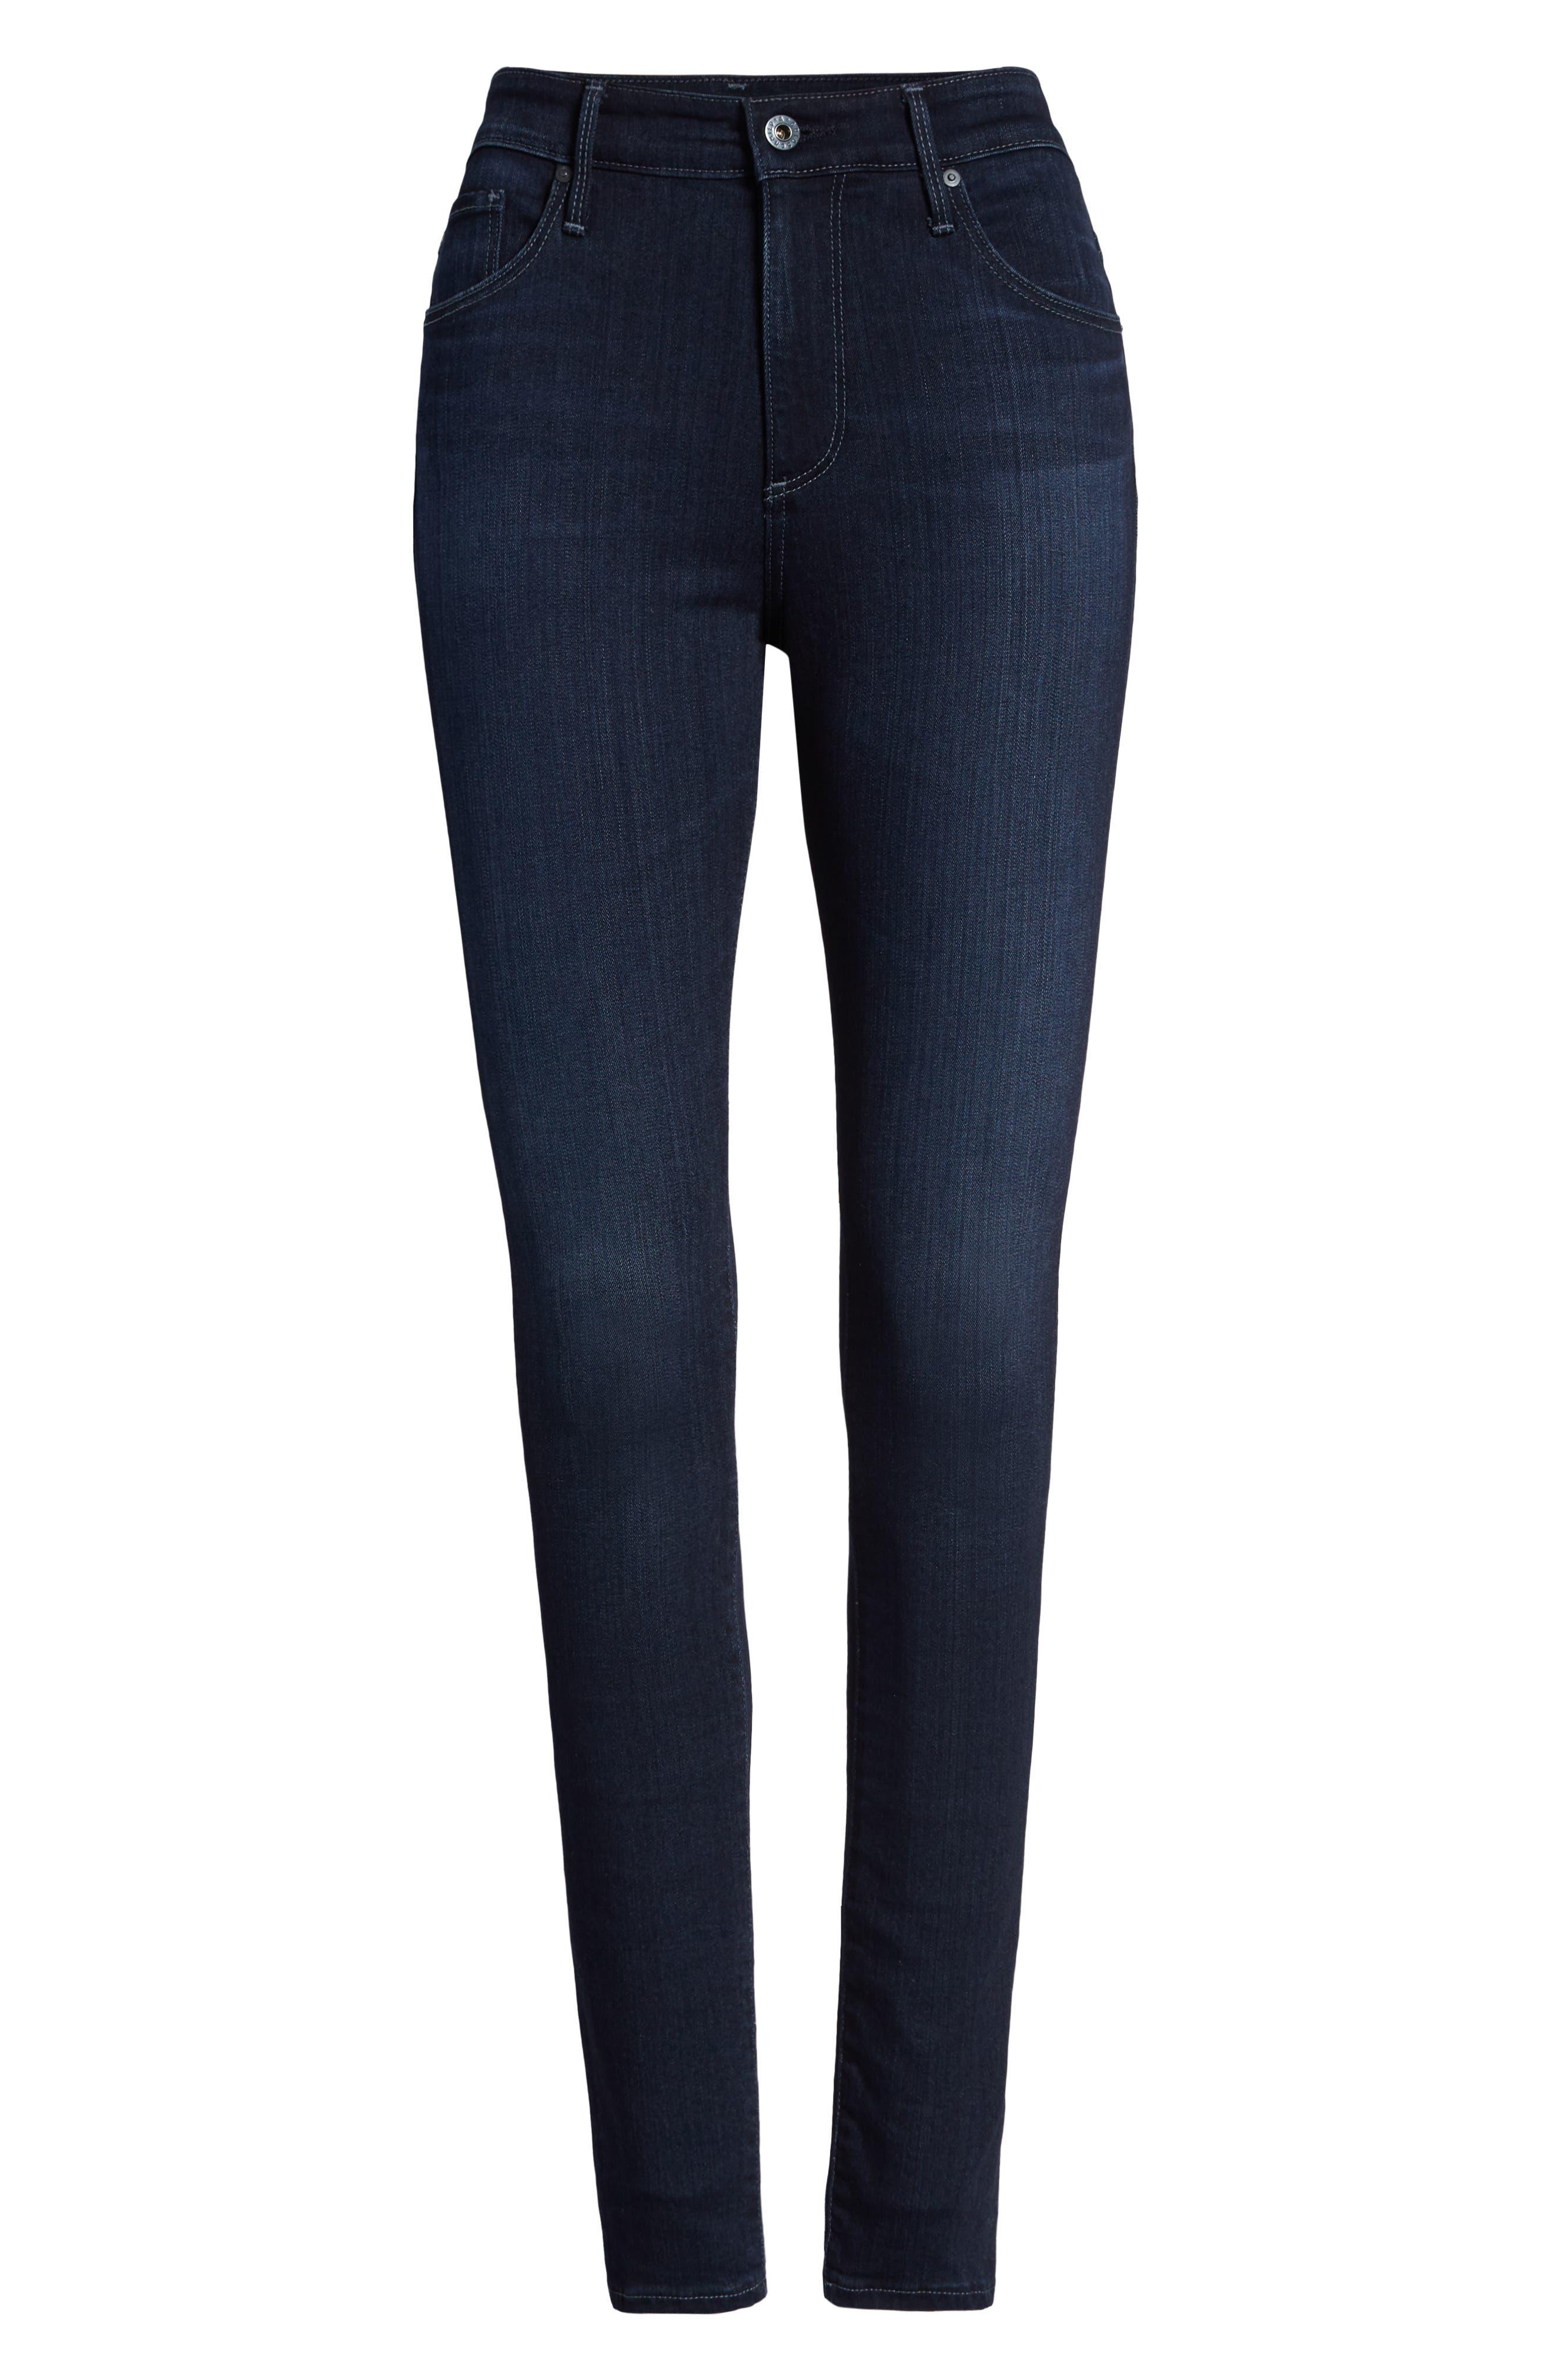 AG, Farrah High Waist Skinny Jeans, Alternate thumbnail 7, color, BLUE BASIN